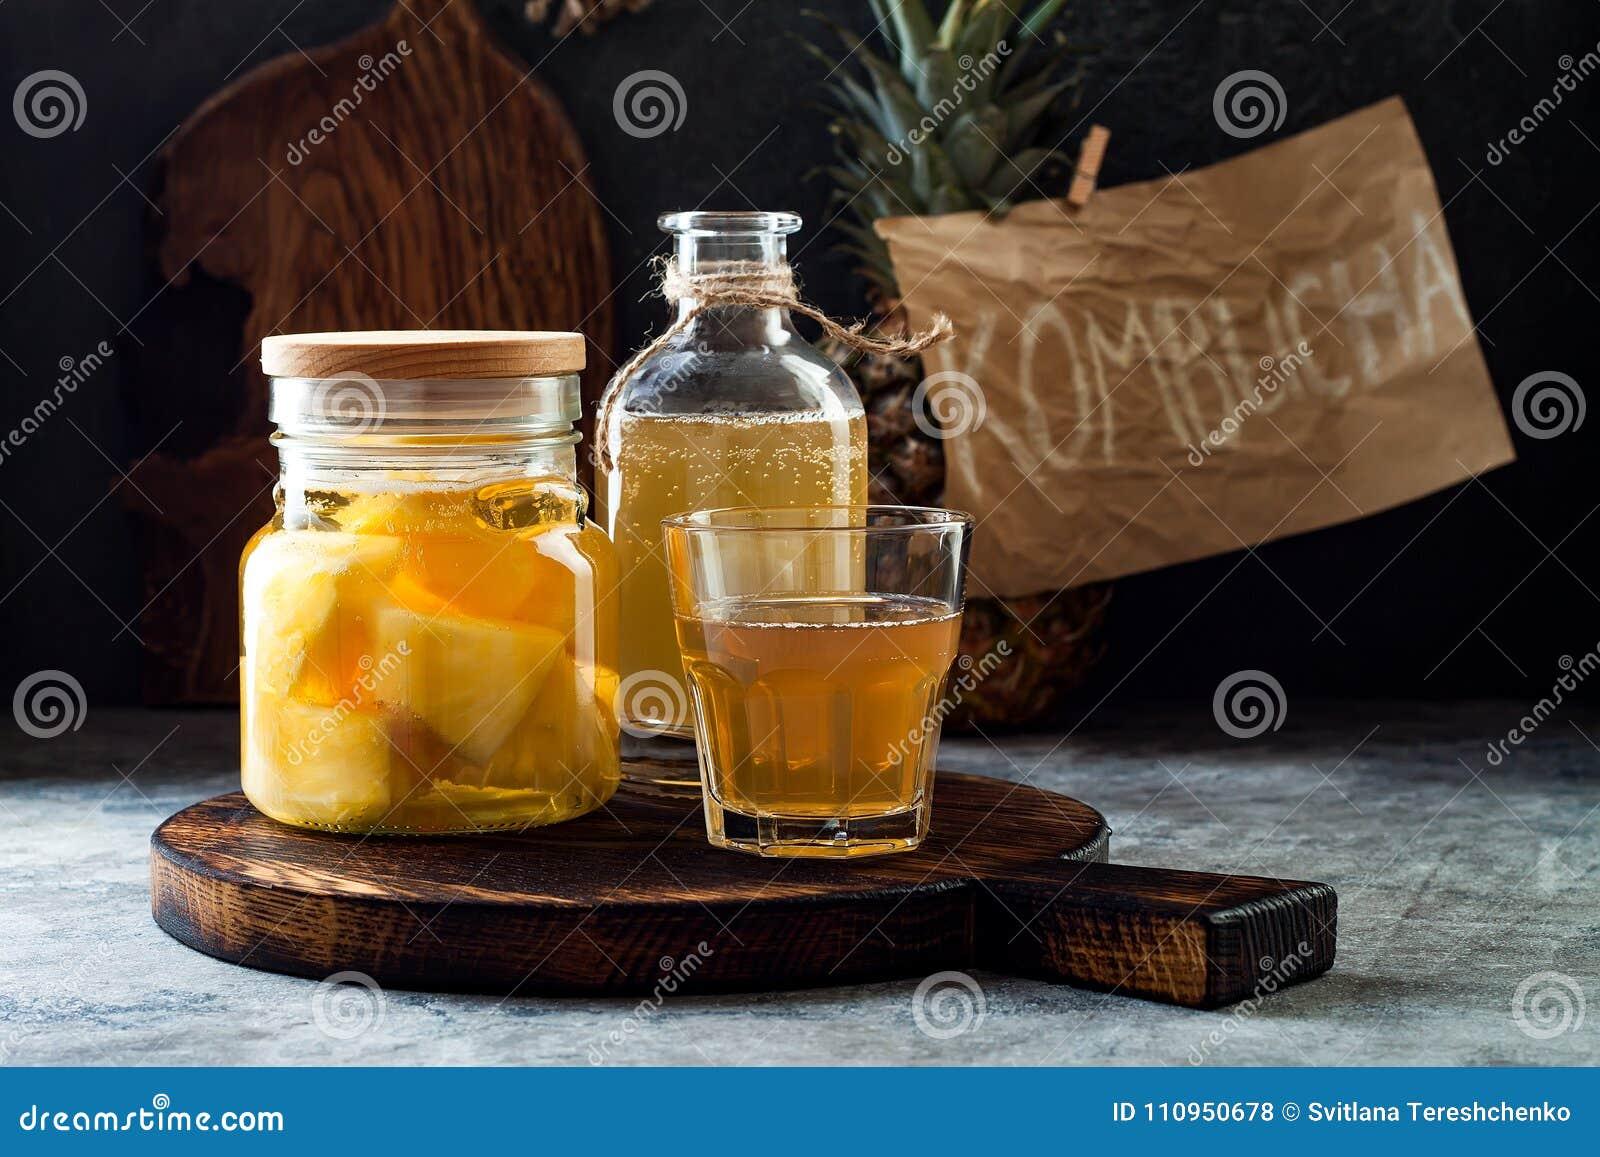 Gegorene mexikanische Ananas Tepache Selbst gemachter roher kombucha Tee mit Ananas Gesundes natürliches probiotic gewürztes Getr